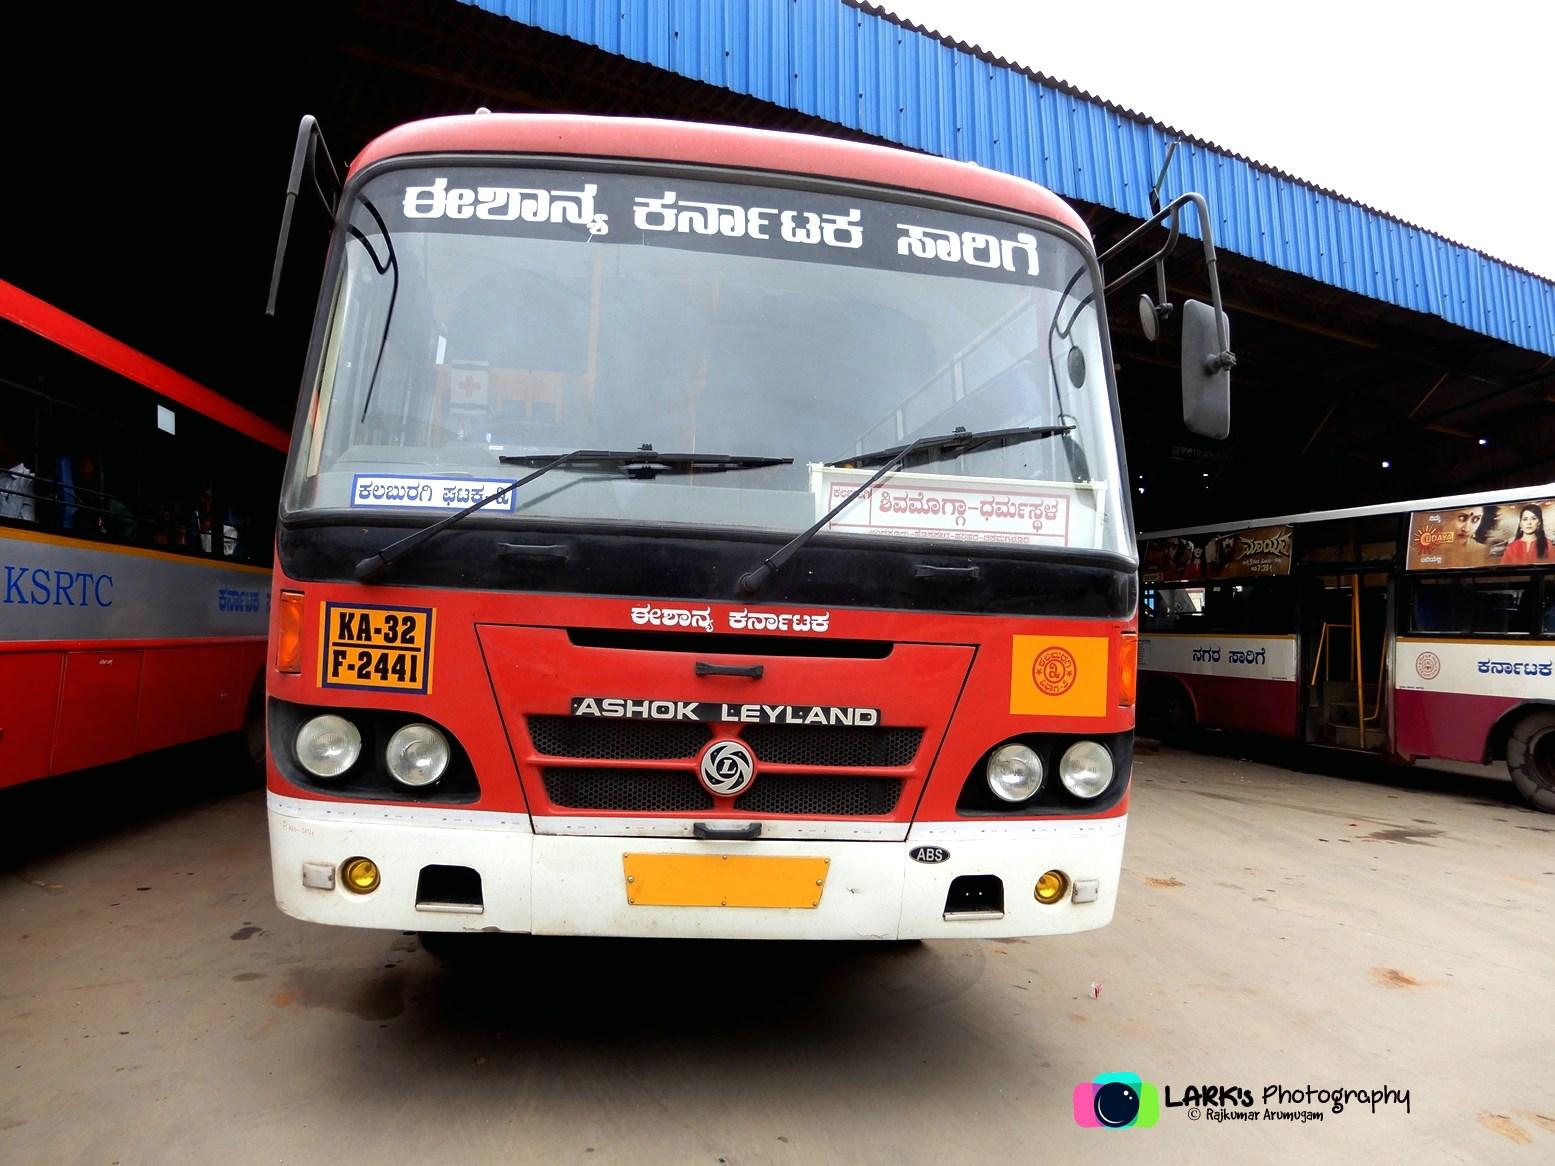 KSRTC-NEKRTC KA-32-F-2441 Kalaburagi - Dharmasthala